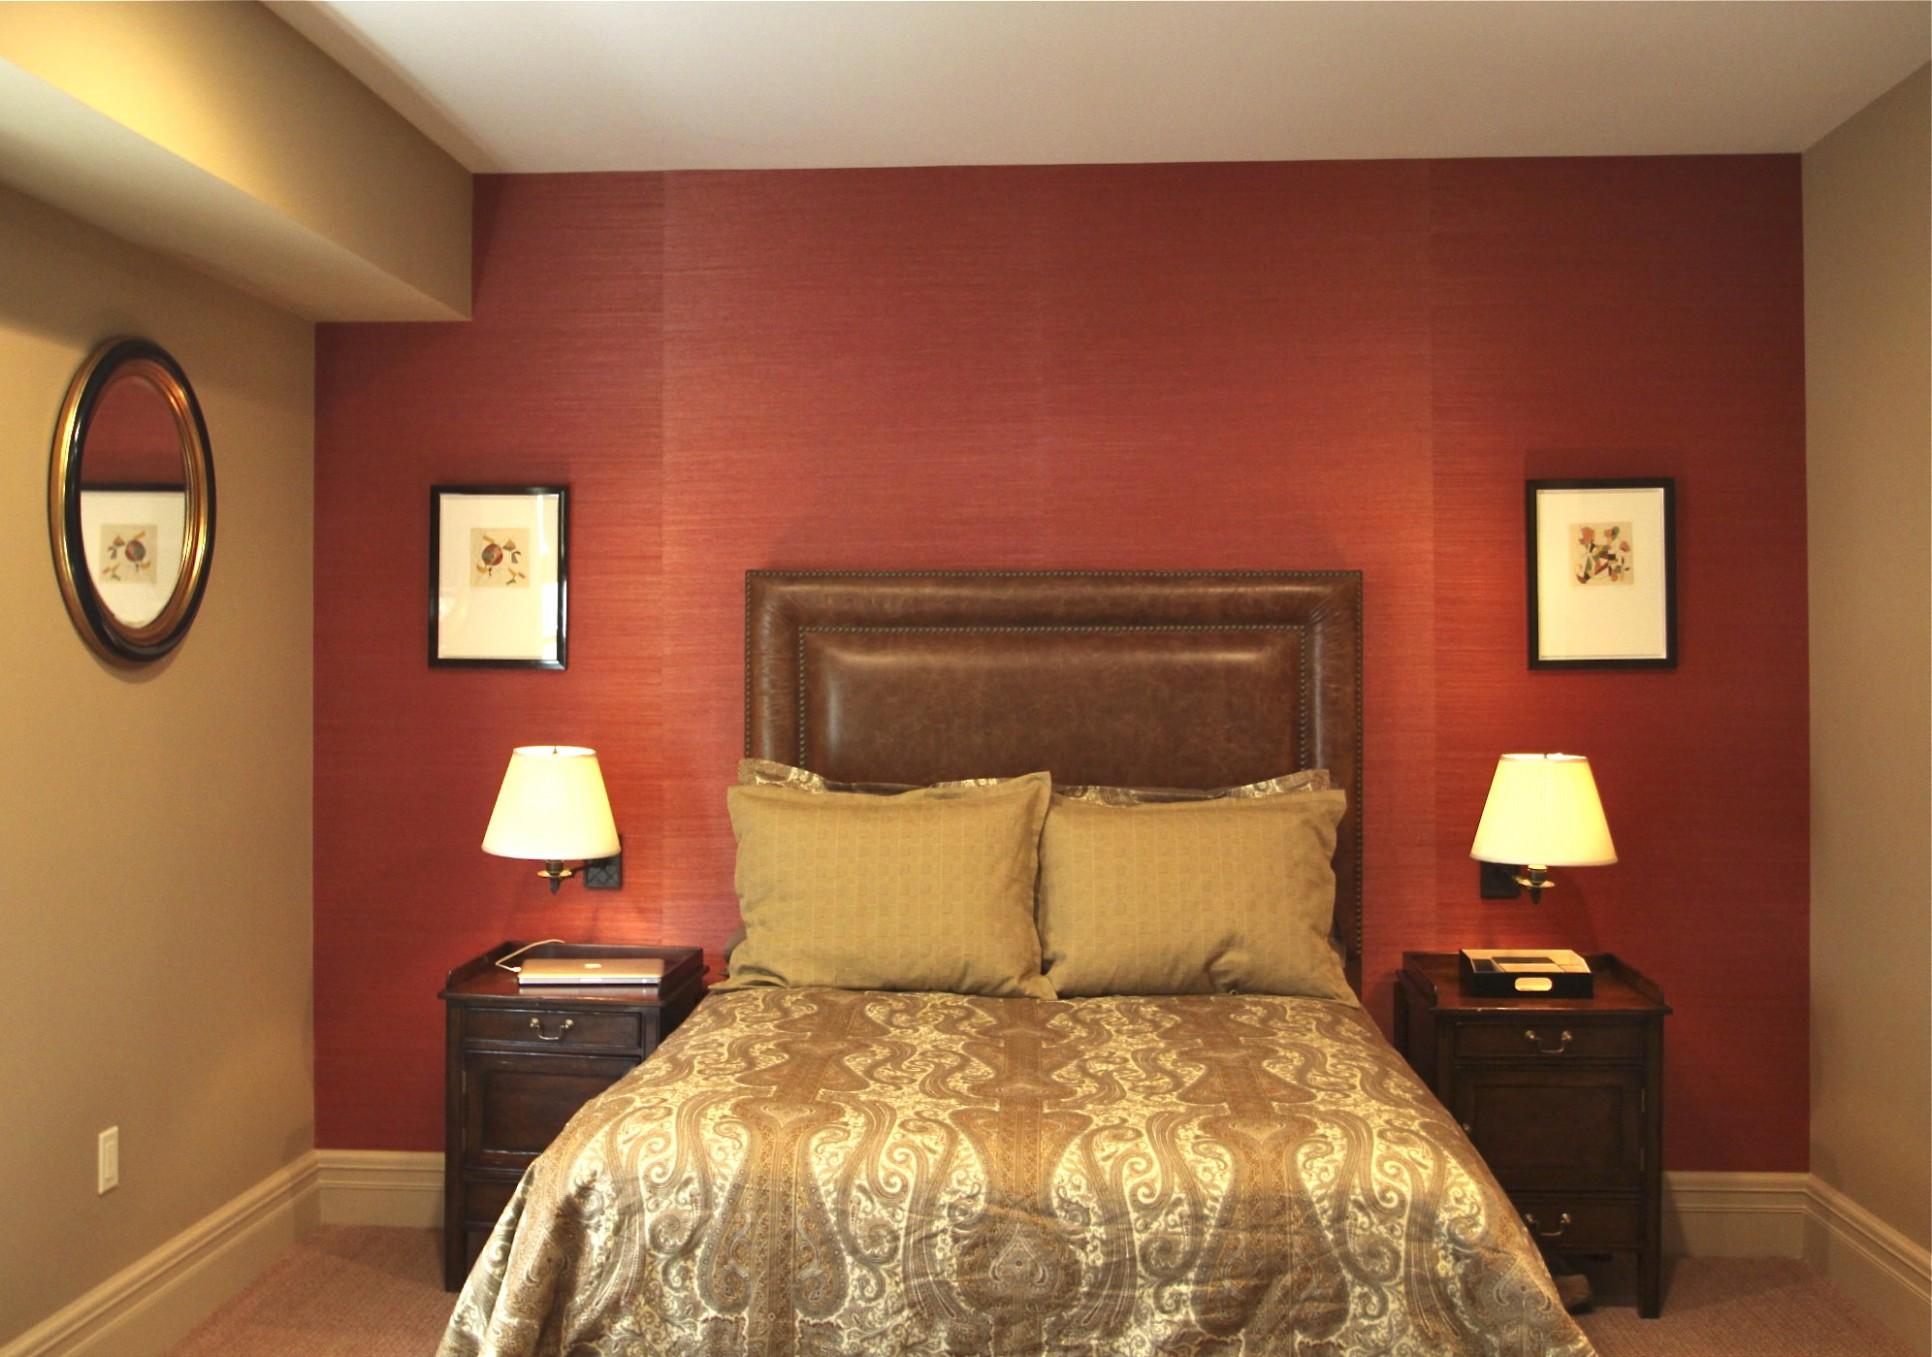 8 Bedroom Ideas in Kenya by Digital Interiors - Digital Interiors - Bedroom Ideas Kenya